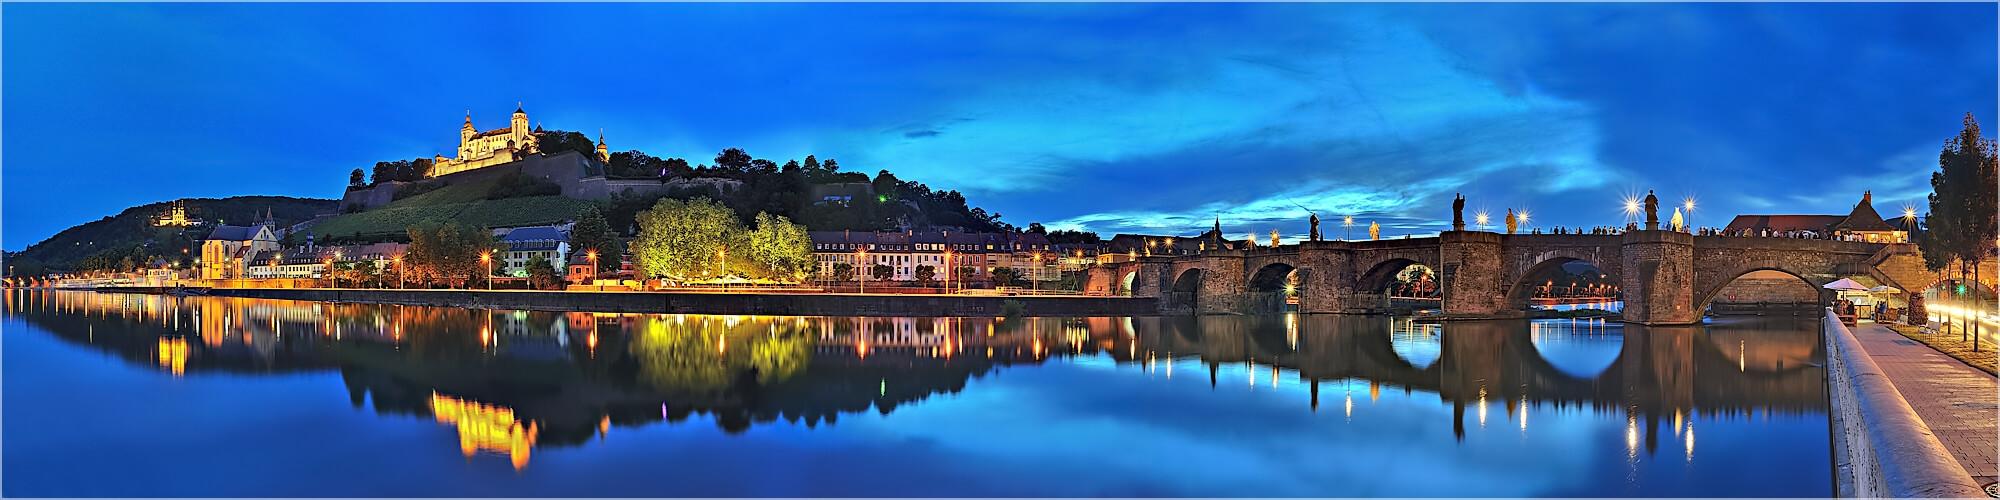 Panoramabild Würzburg alte Brücke und Marienfestung